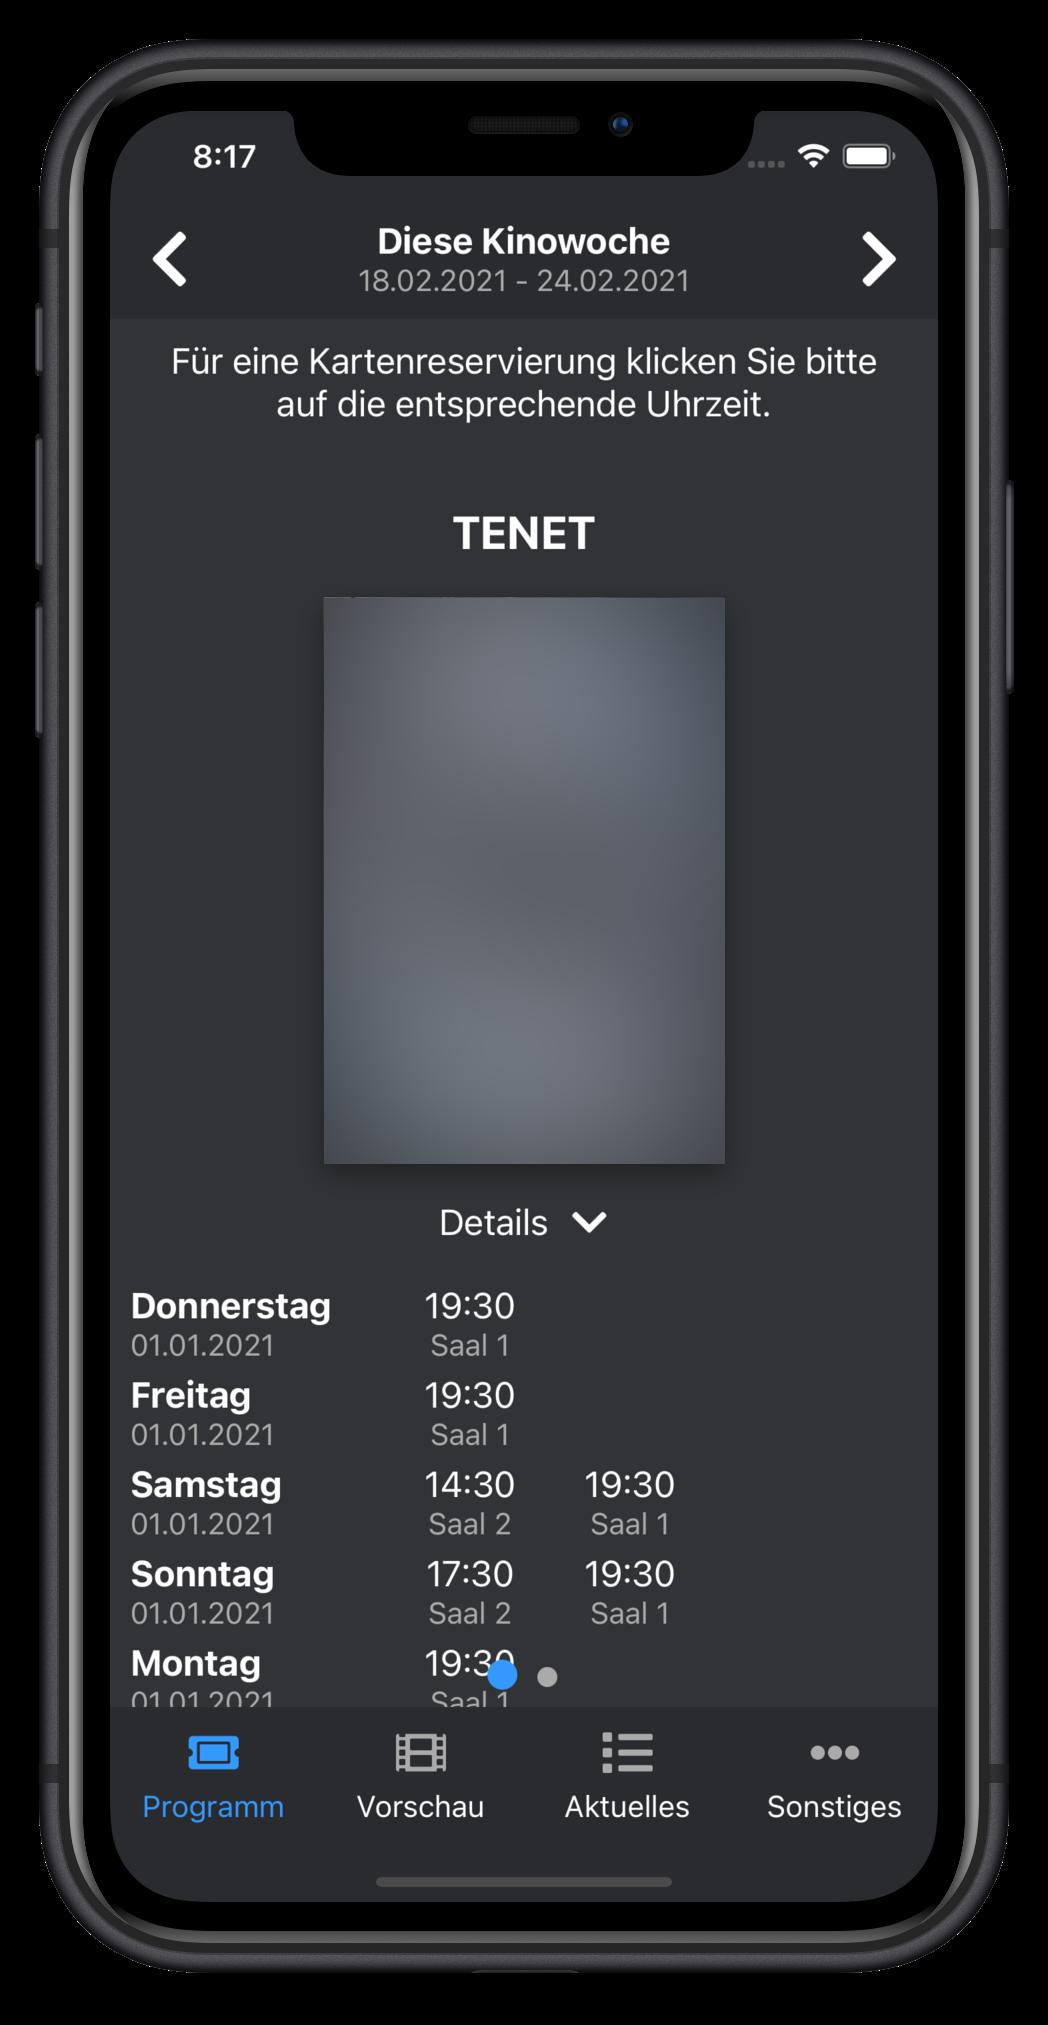 kinolahnstein-app-program-2-dark_iphonexrspacegrey_portrait_blurred